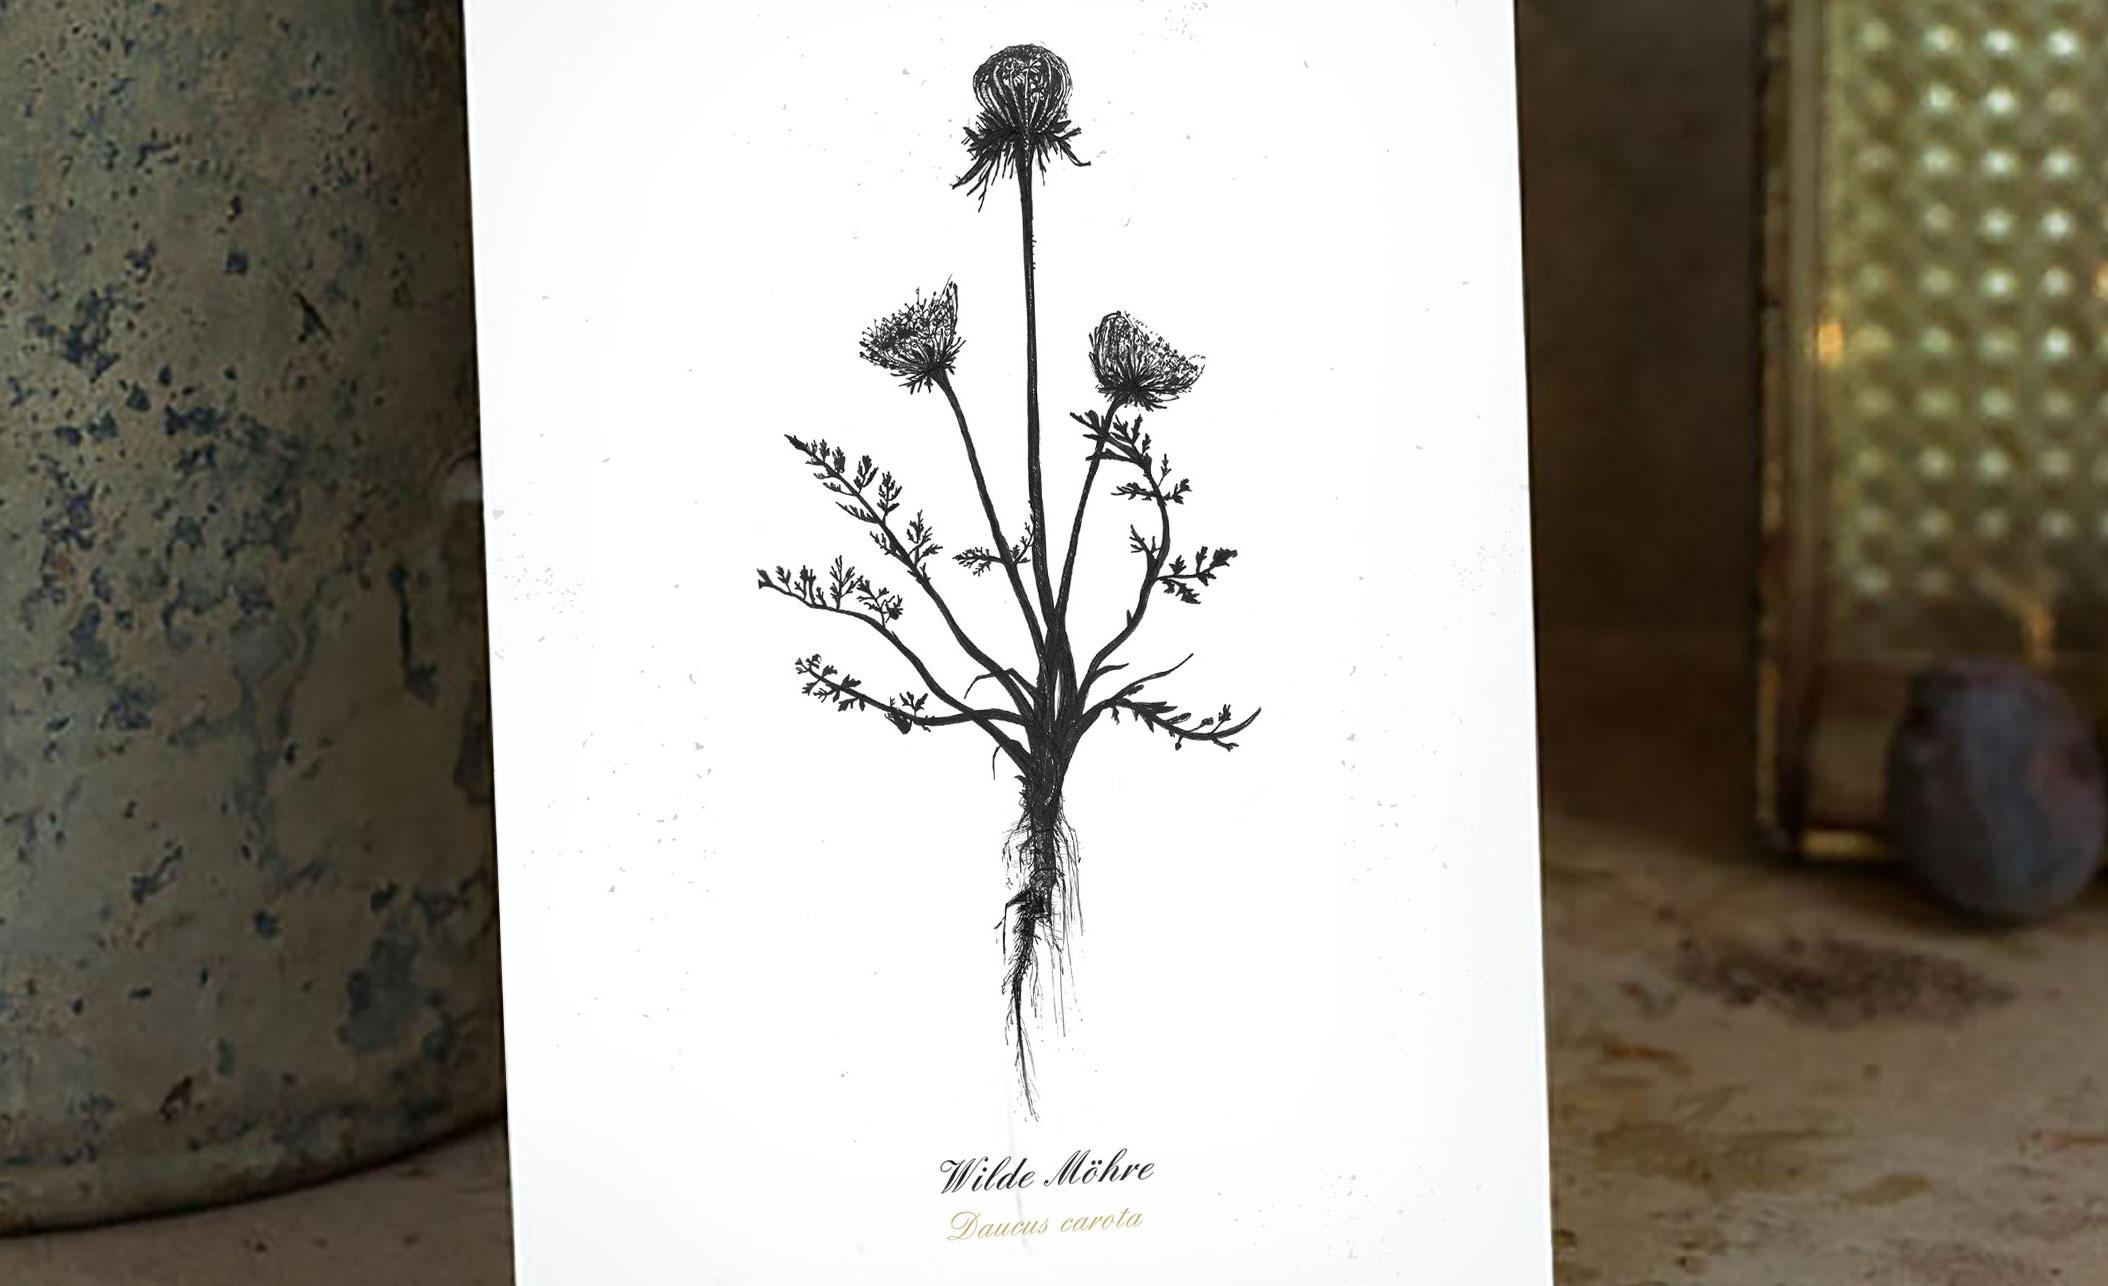 Kräuter-Postkarten als Geschenkidee für KräuterjägerInnen – Unsere selbst gezeichneten Wildpflanzen-Illustrationen sind jetzt als Postkarten-Set erhältlich.